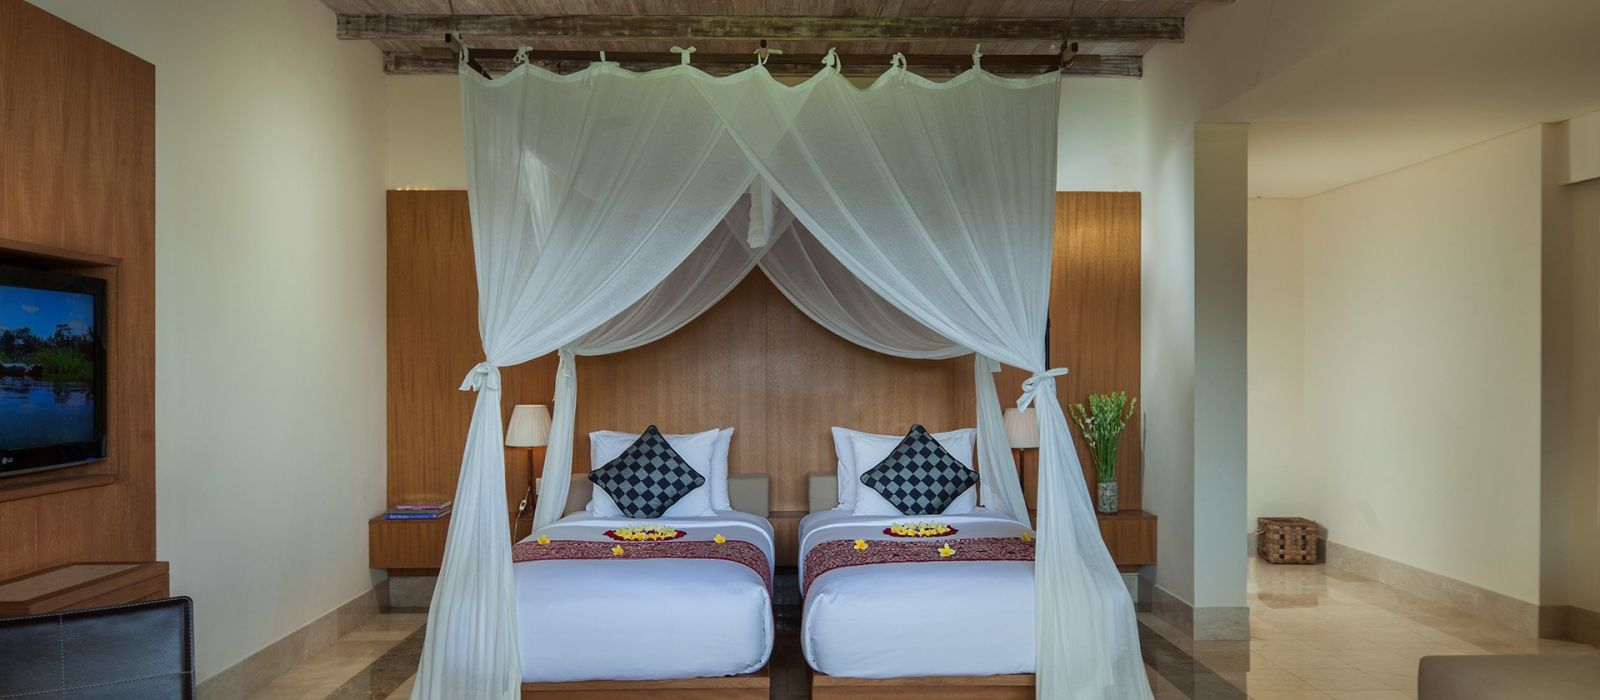 Hotel Komaneka at Monkey Forest Indonesia